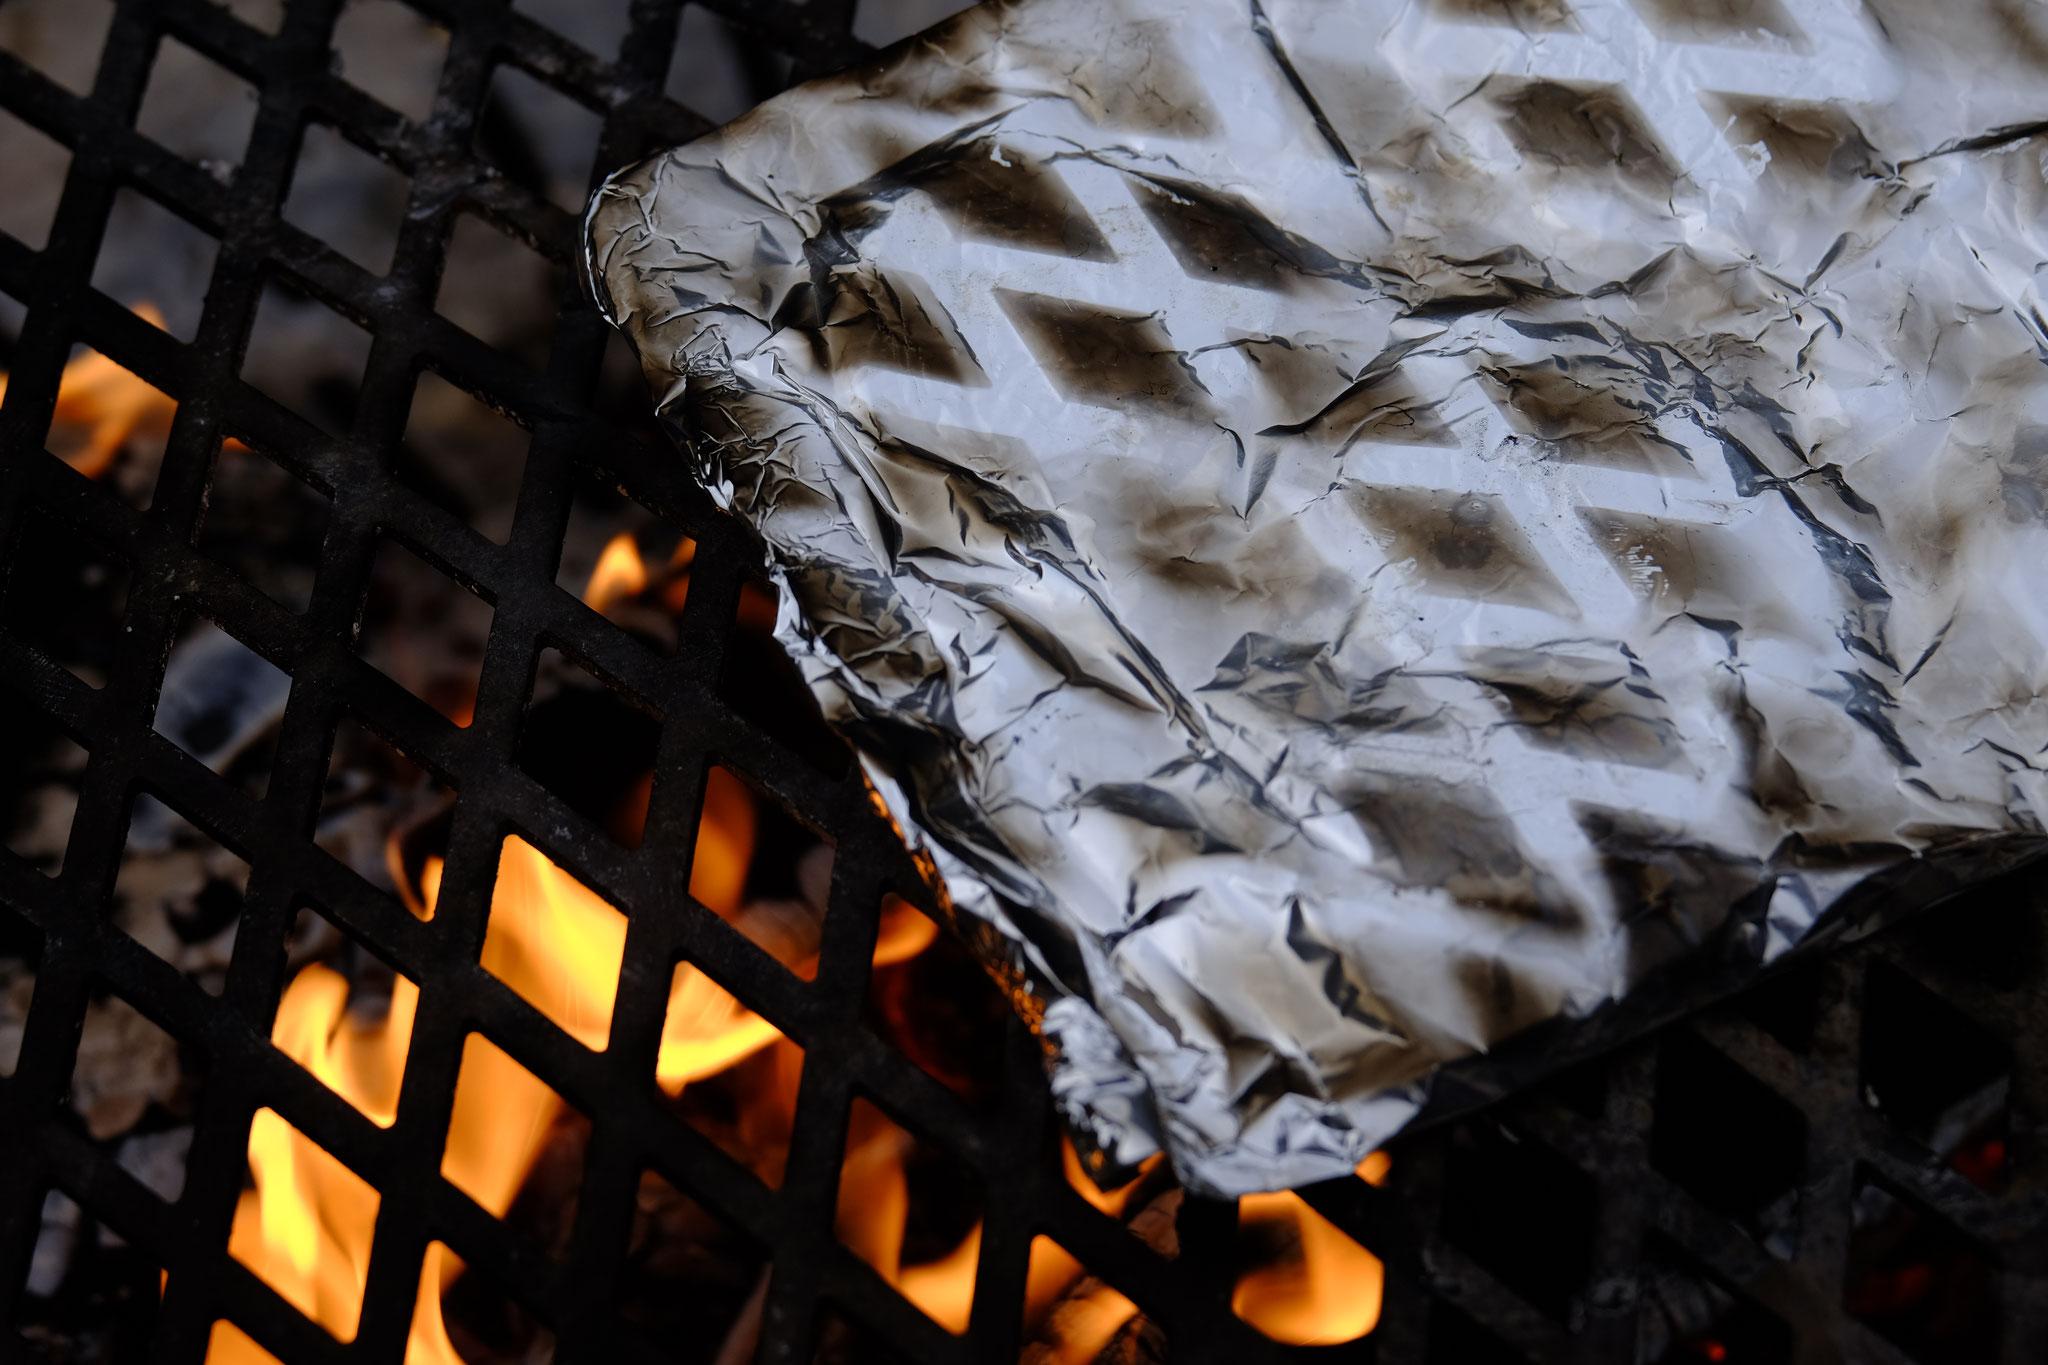 überm Feuer auch von oben in einem Päckchen abdecken, damit man sie wenden kann